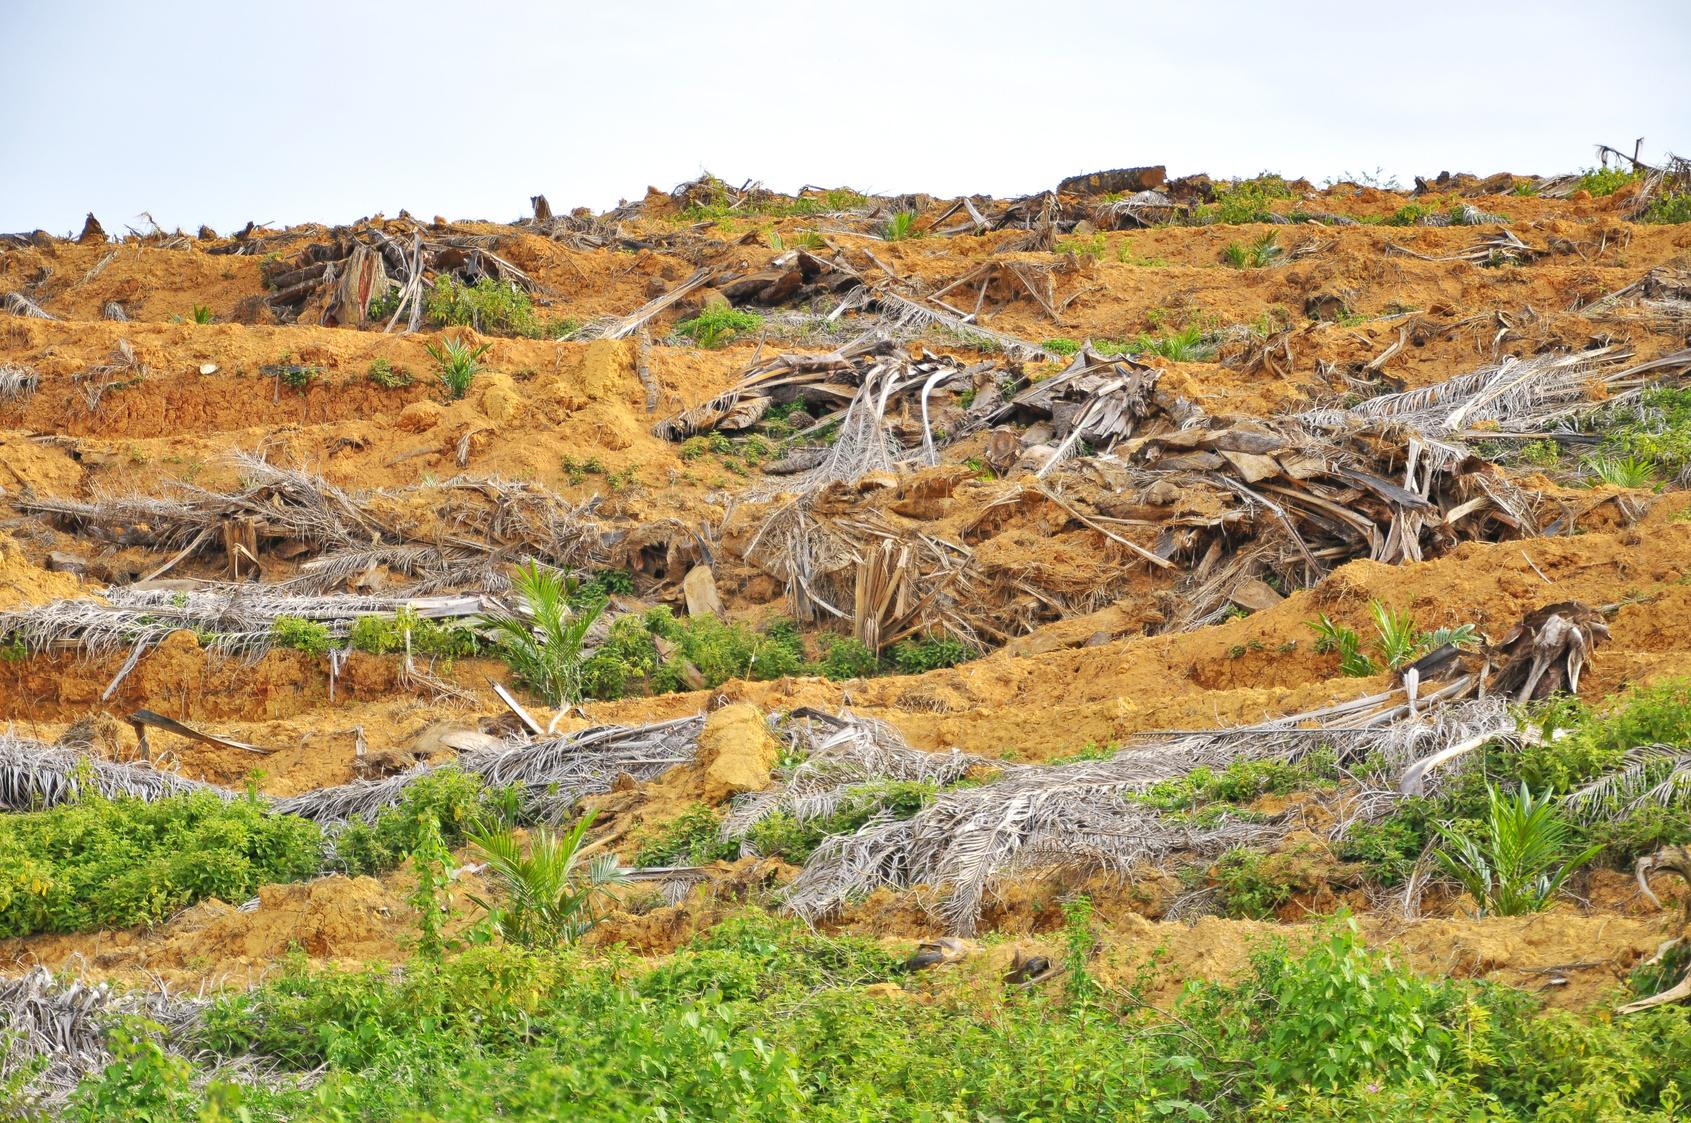 olio dipalma foreste deforestazione